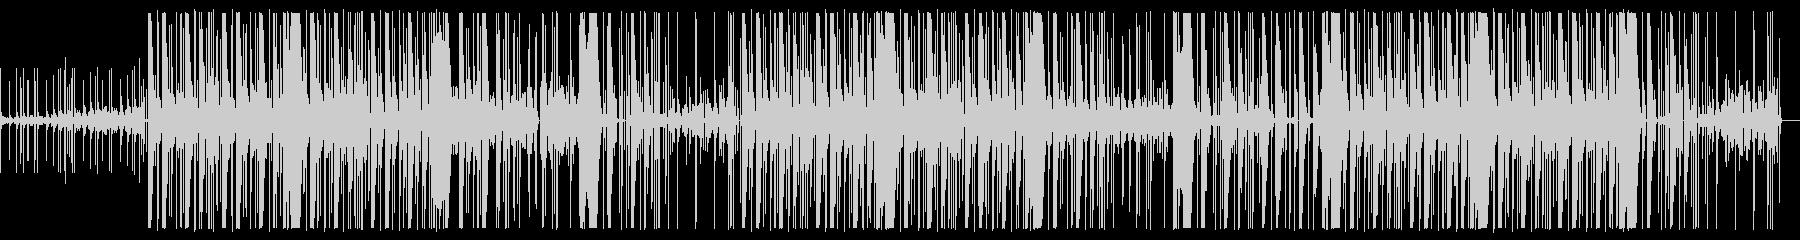 ダークで怪しいヒップホップ・トラップの未再生の波形